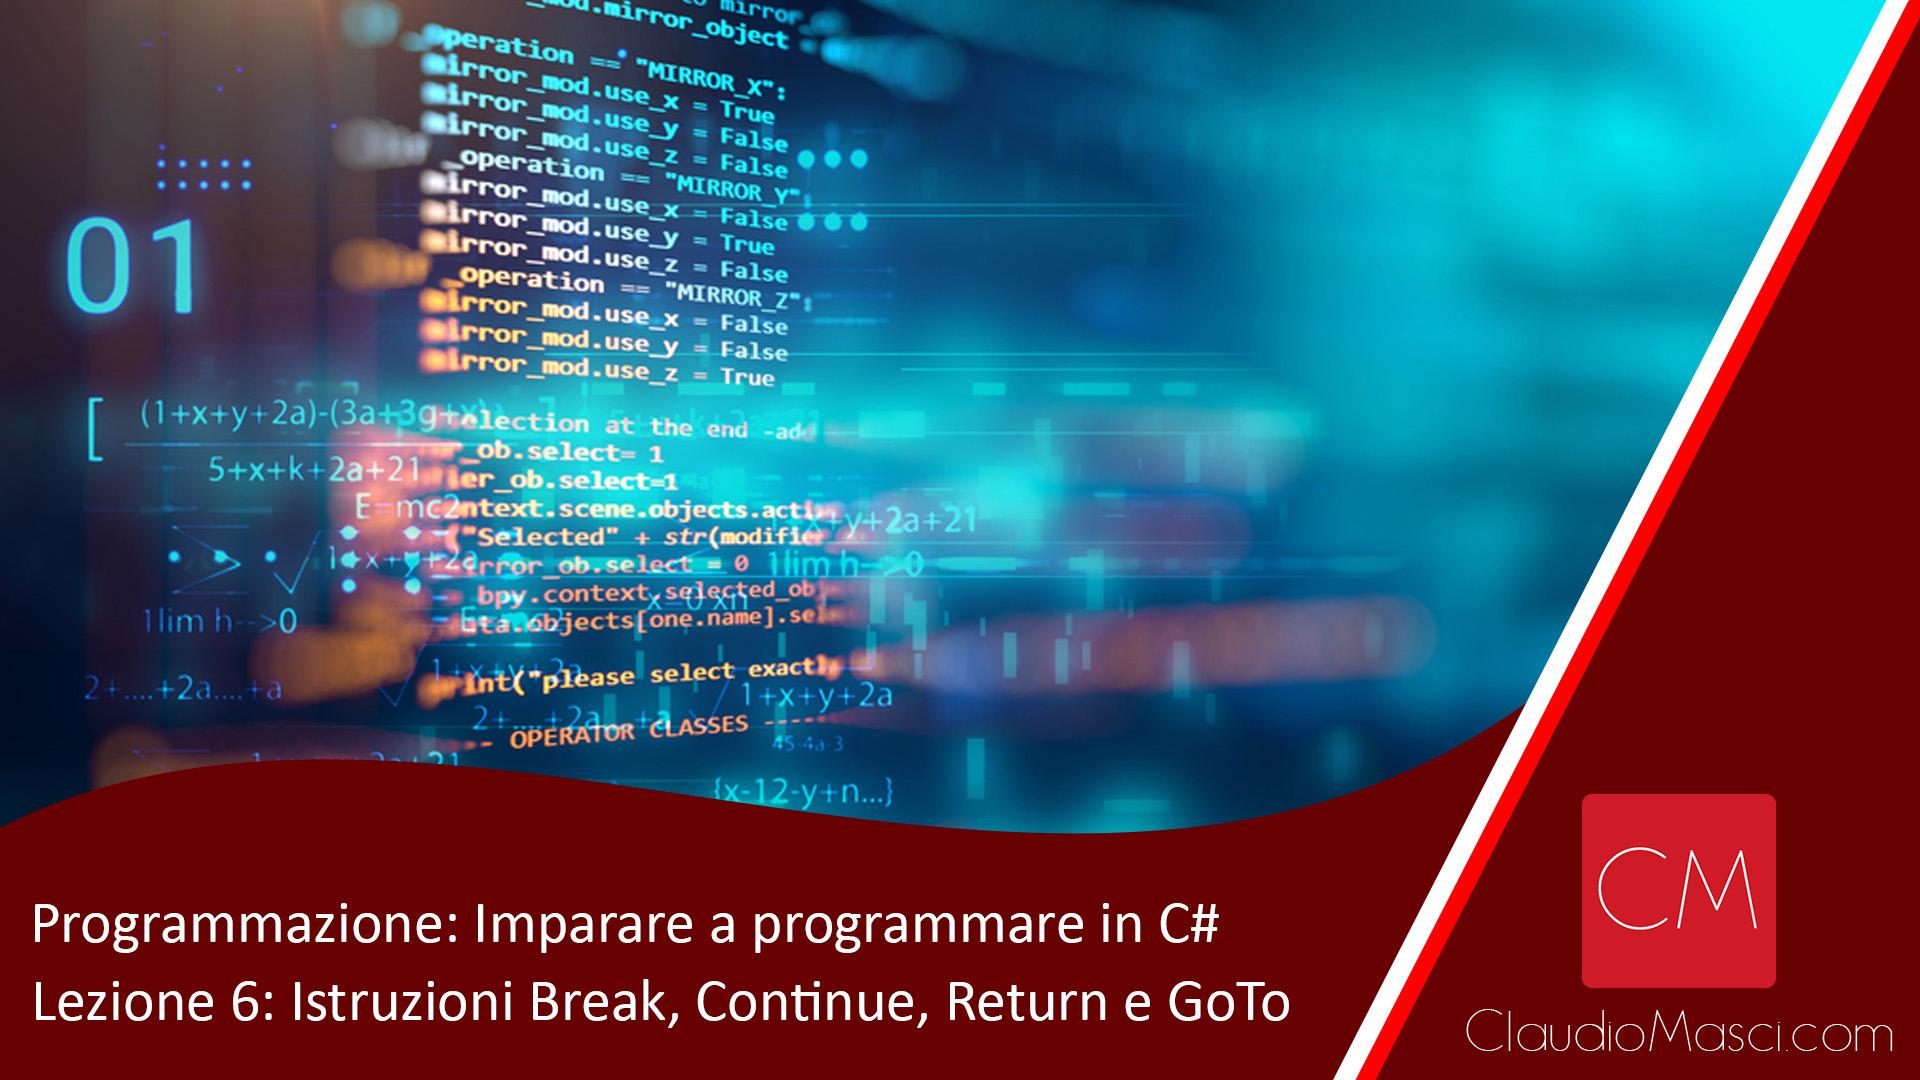 Programmazione – Imparare a programmare in C# – Lezione 6: Break, Continue, Return e GoTo